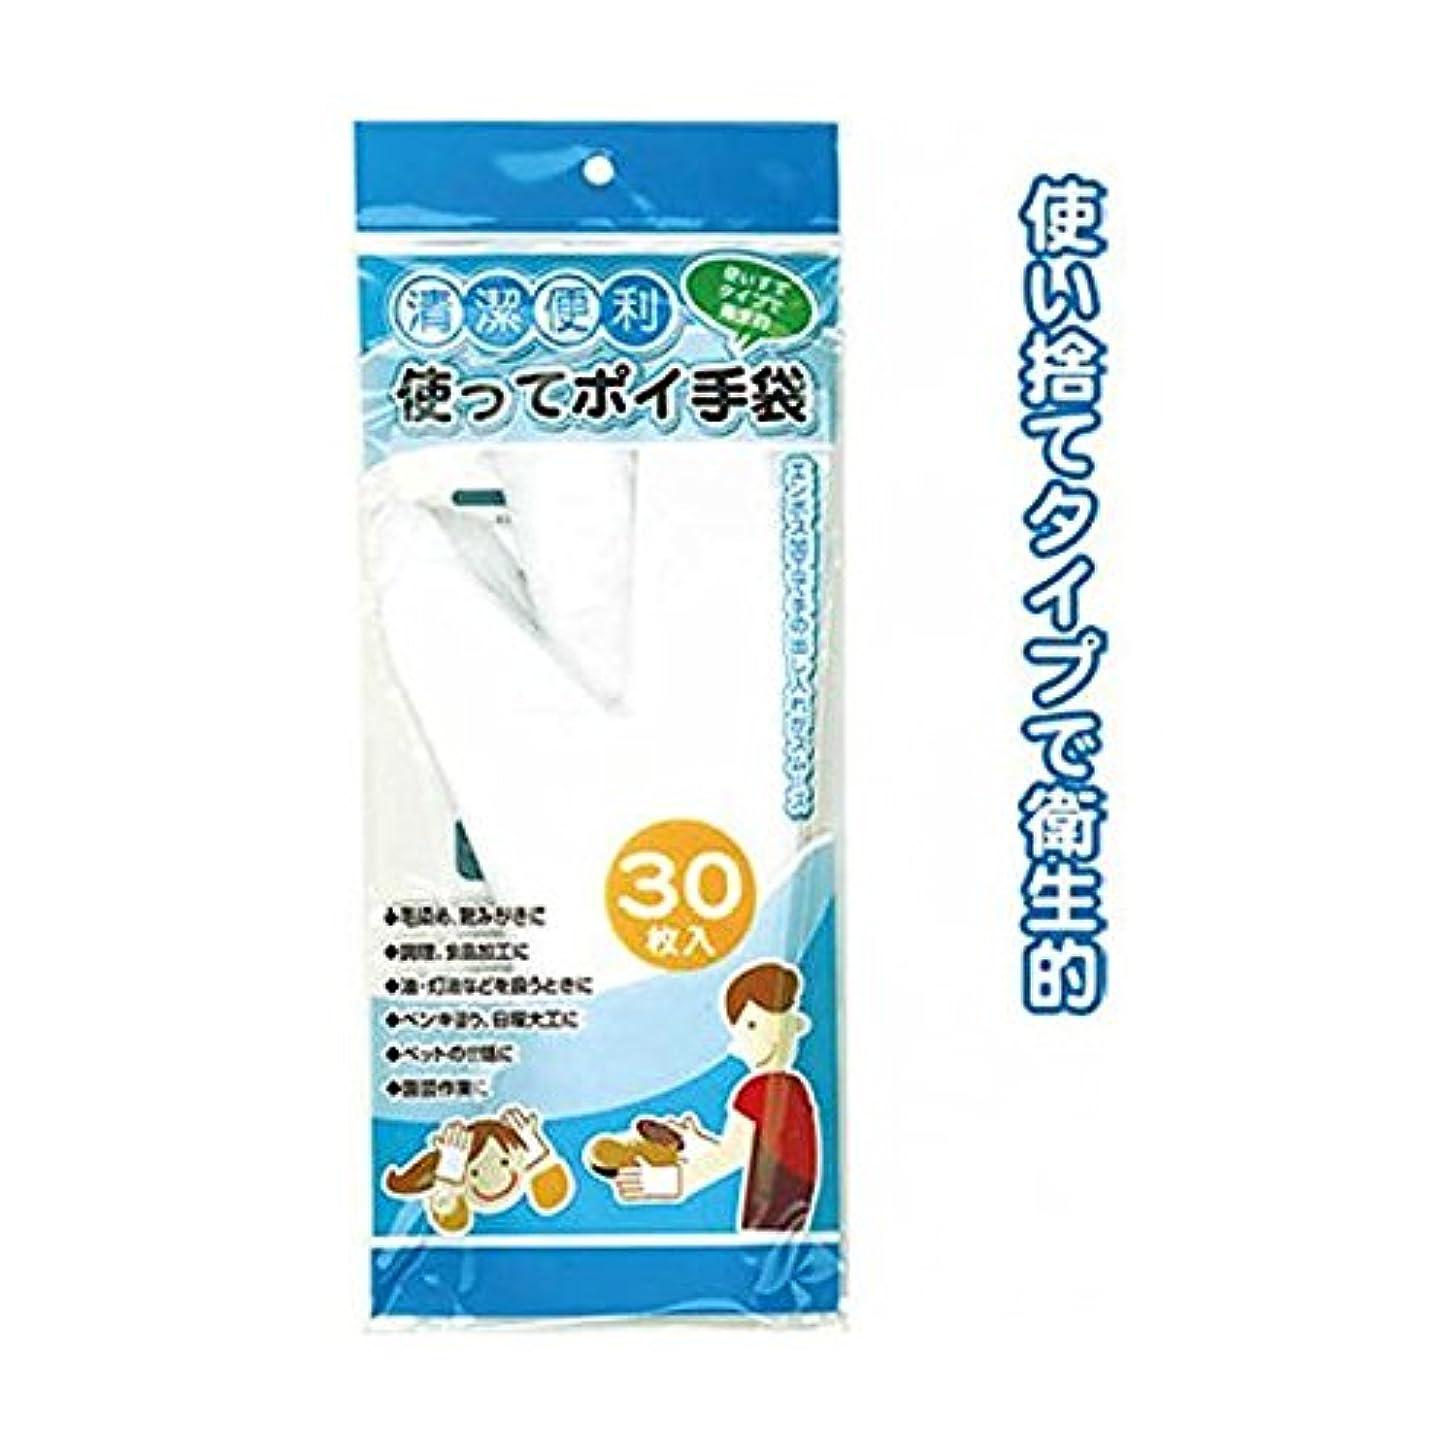 汚染正確さフレームワーク使ってポイ手袋(30枚入) 12個セット 30-159